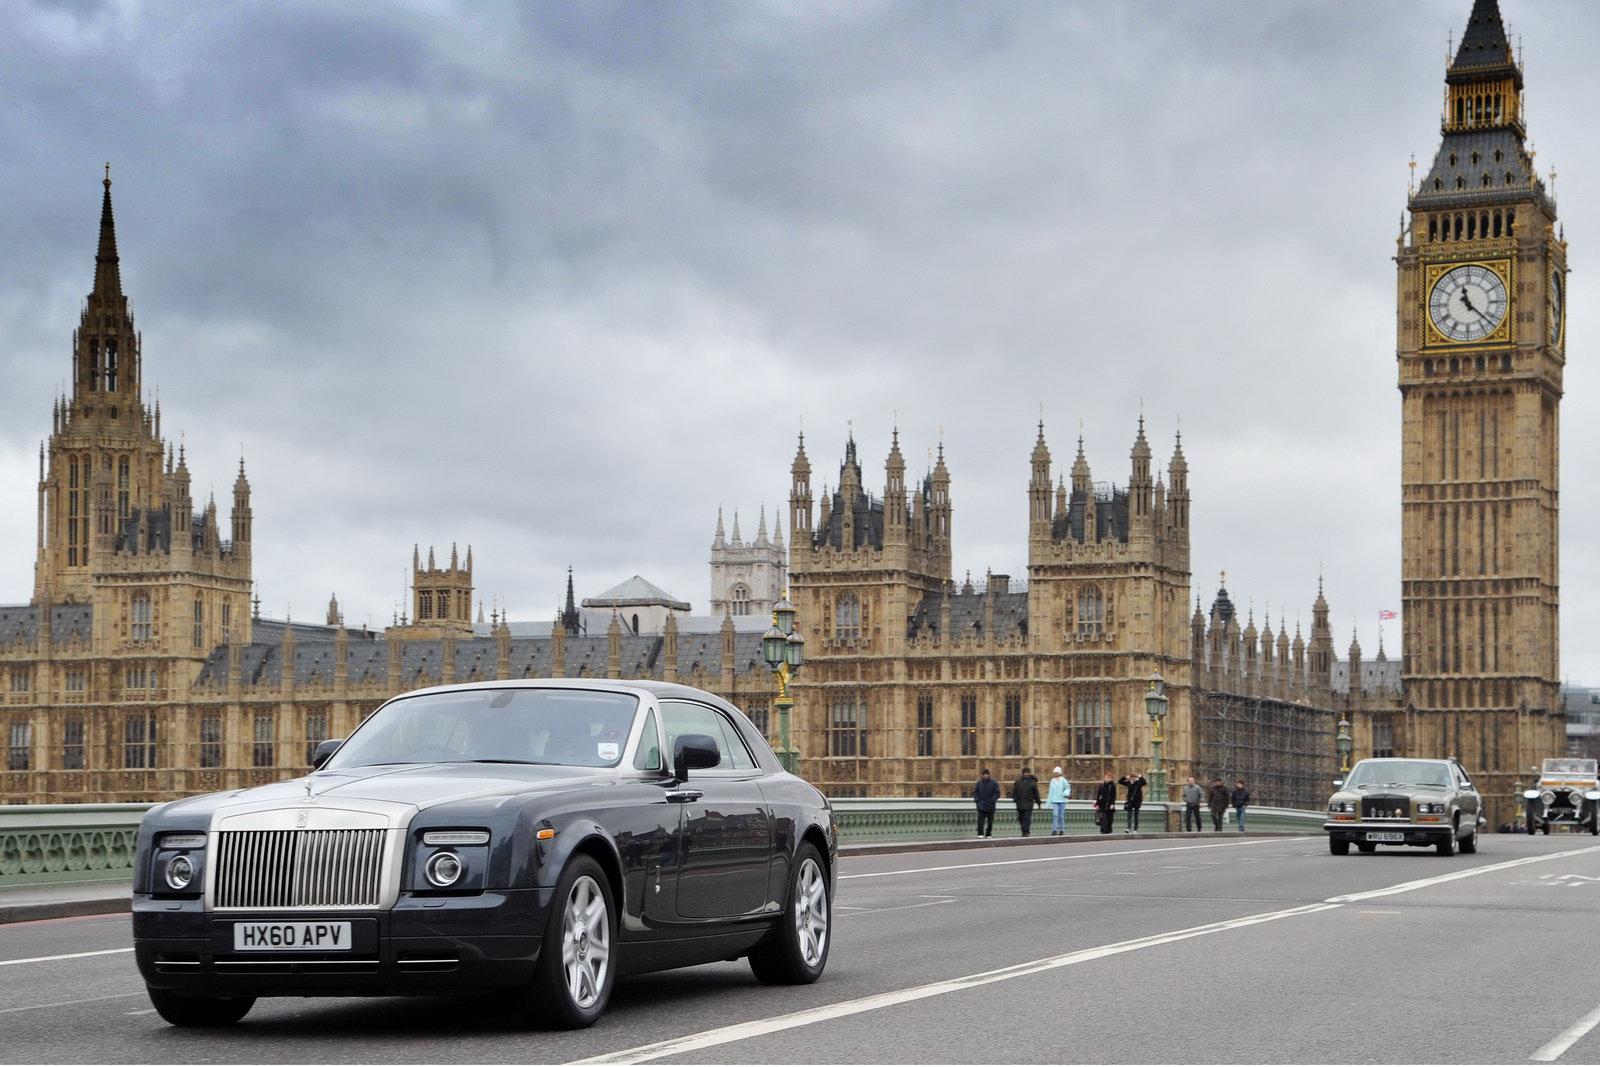 La marque Rolls-Royce a fêté hier les 100 ans de son emblème. En effet, c'est le 6 février 1911 que ...